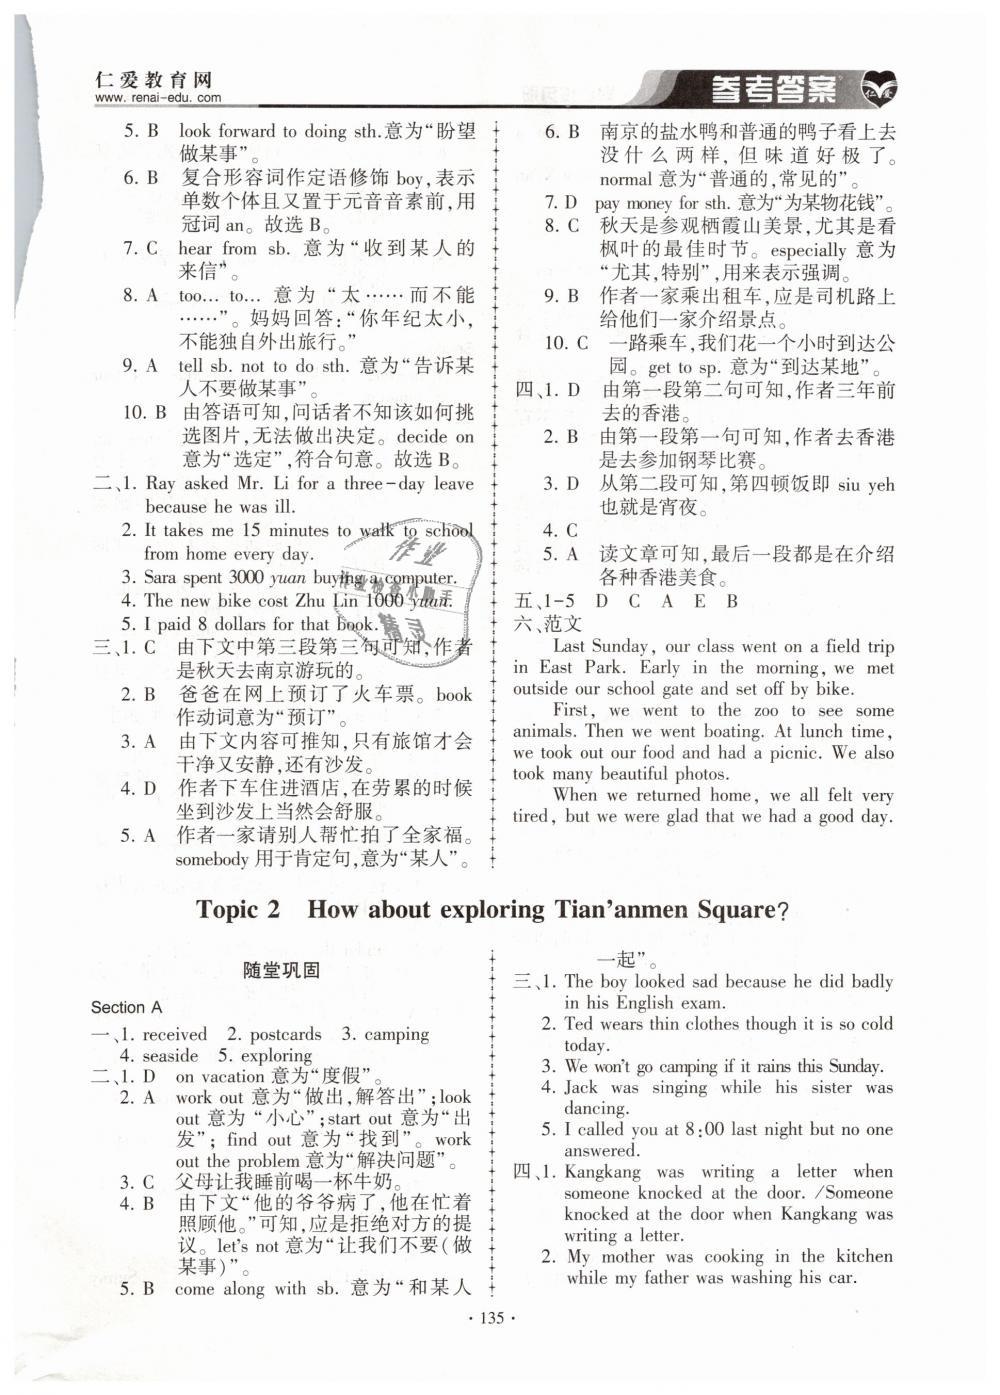 2019年仁爱英语同步练习册八年级下册仁爱版第10页